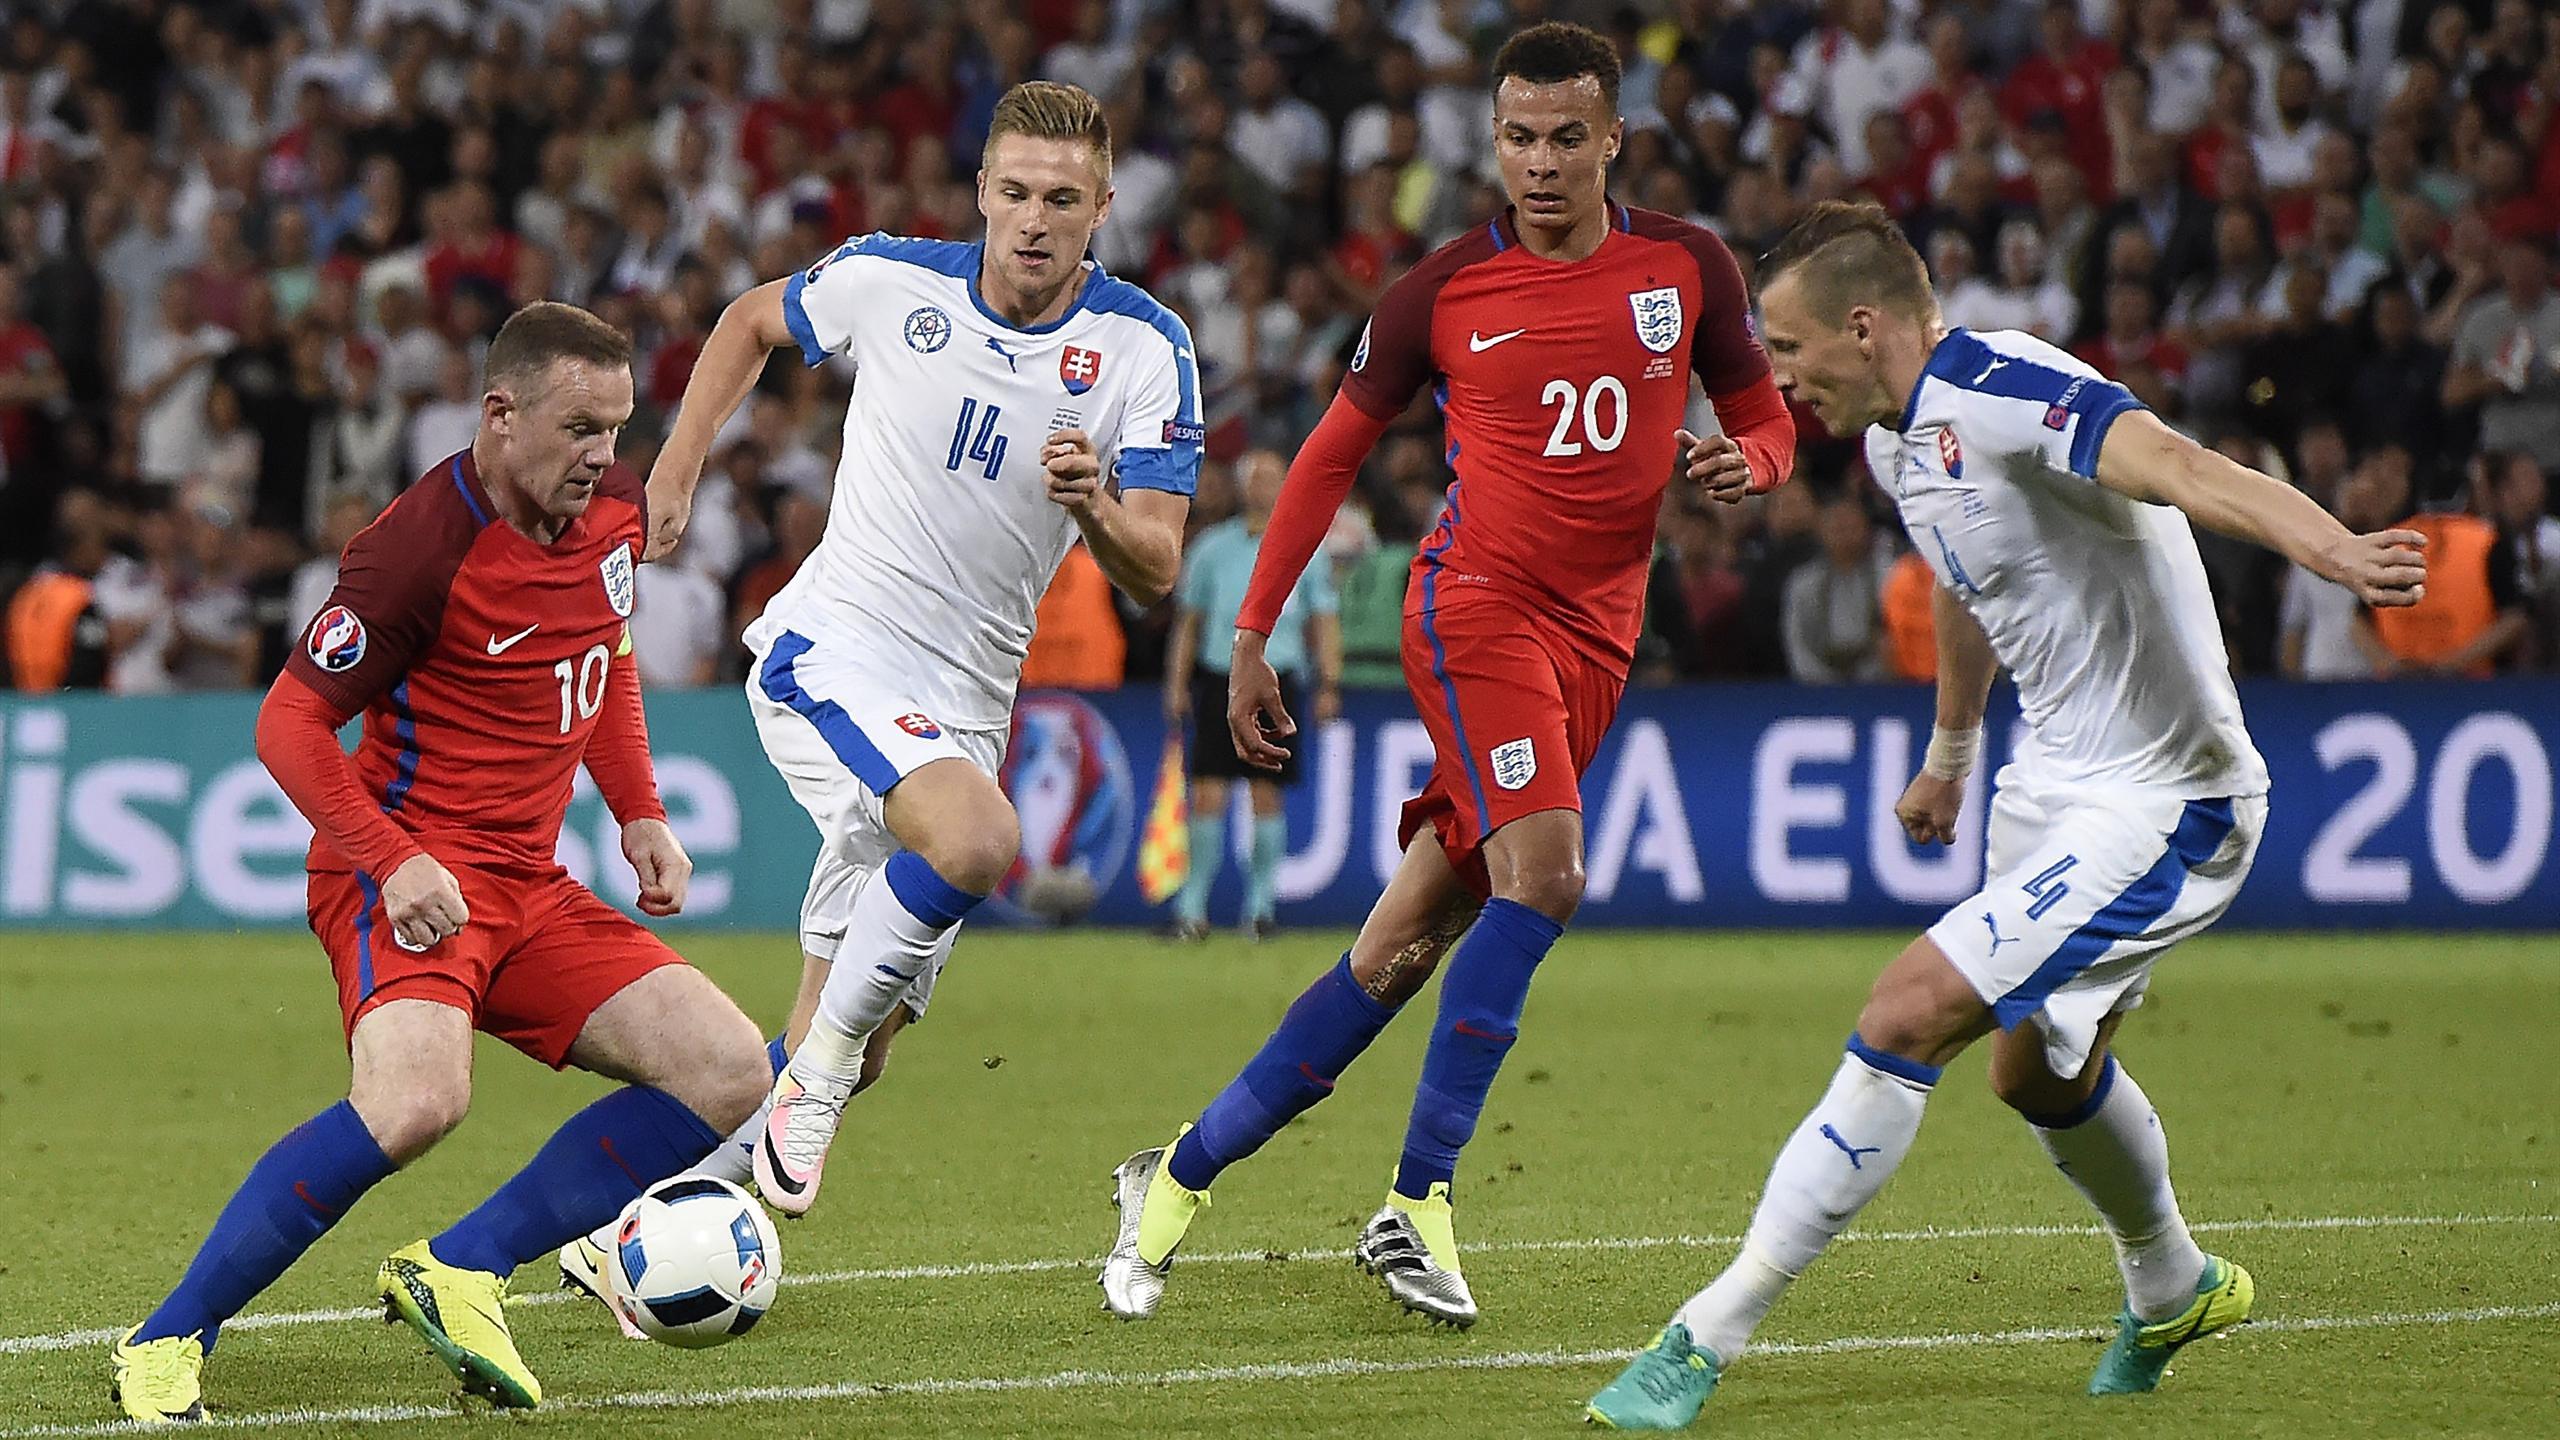 Rooney et Alli (Angleterre) ne parviennent pas à se défaire de la défense de la Slovaquie